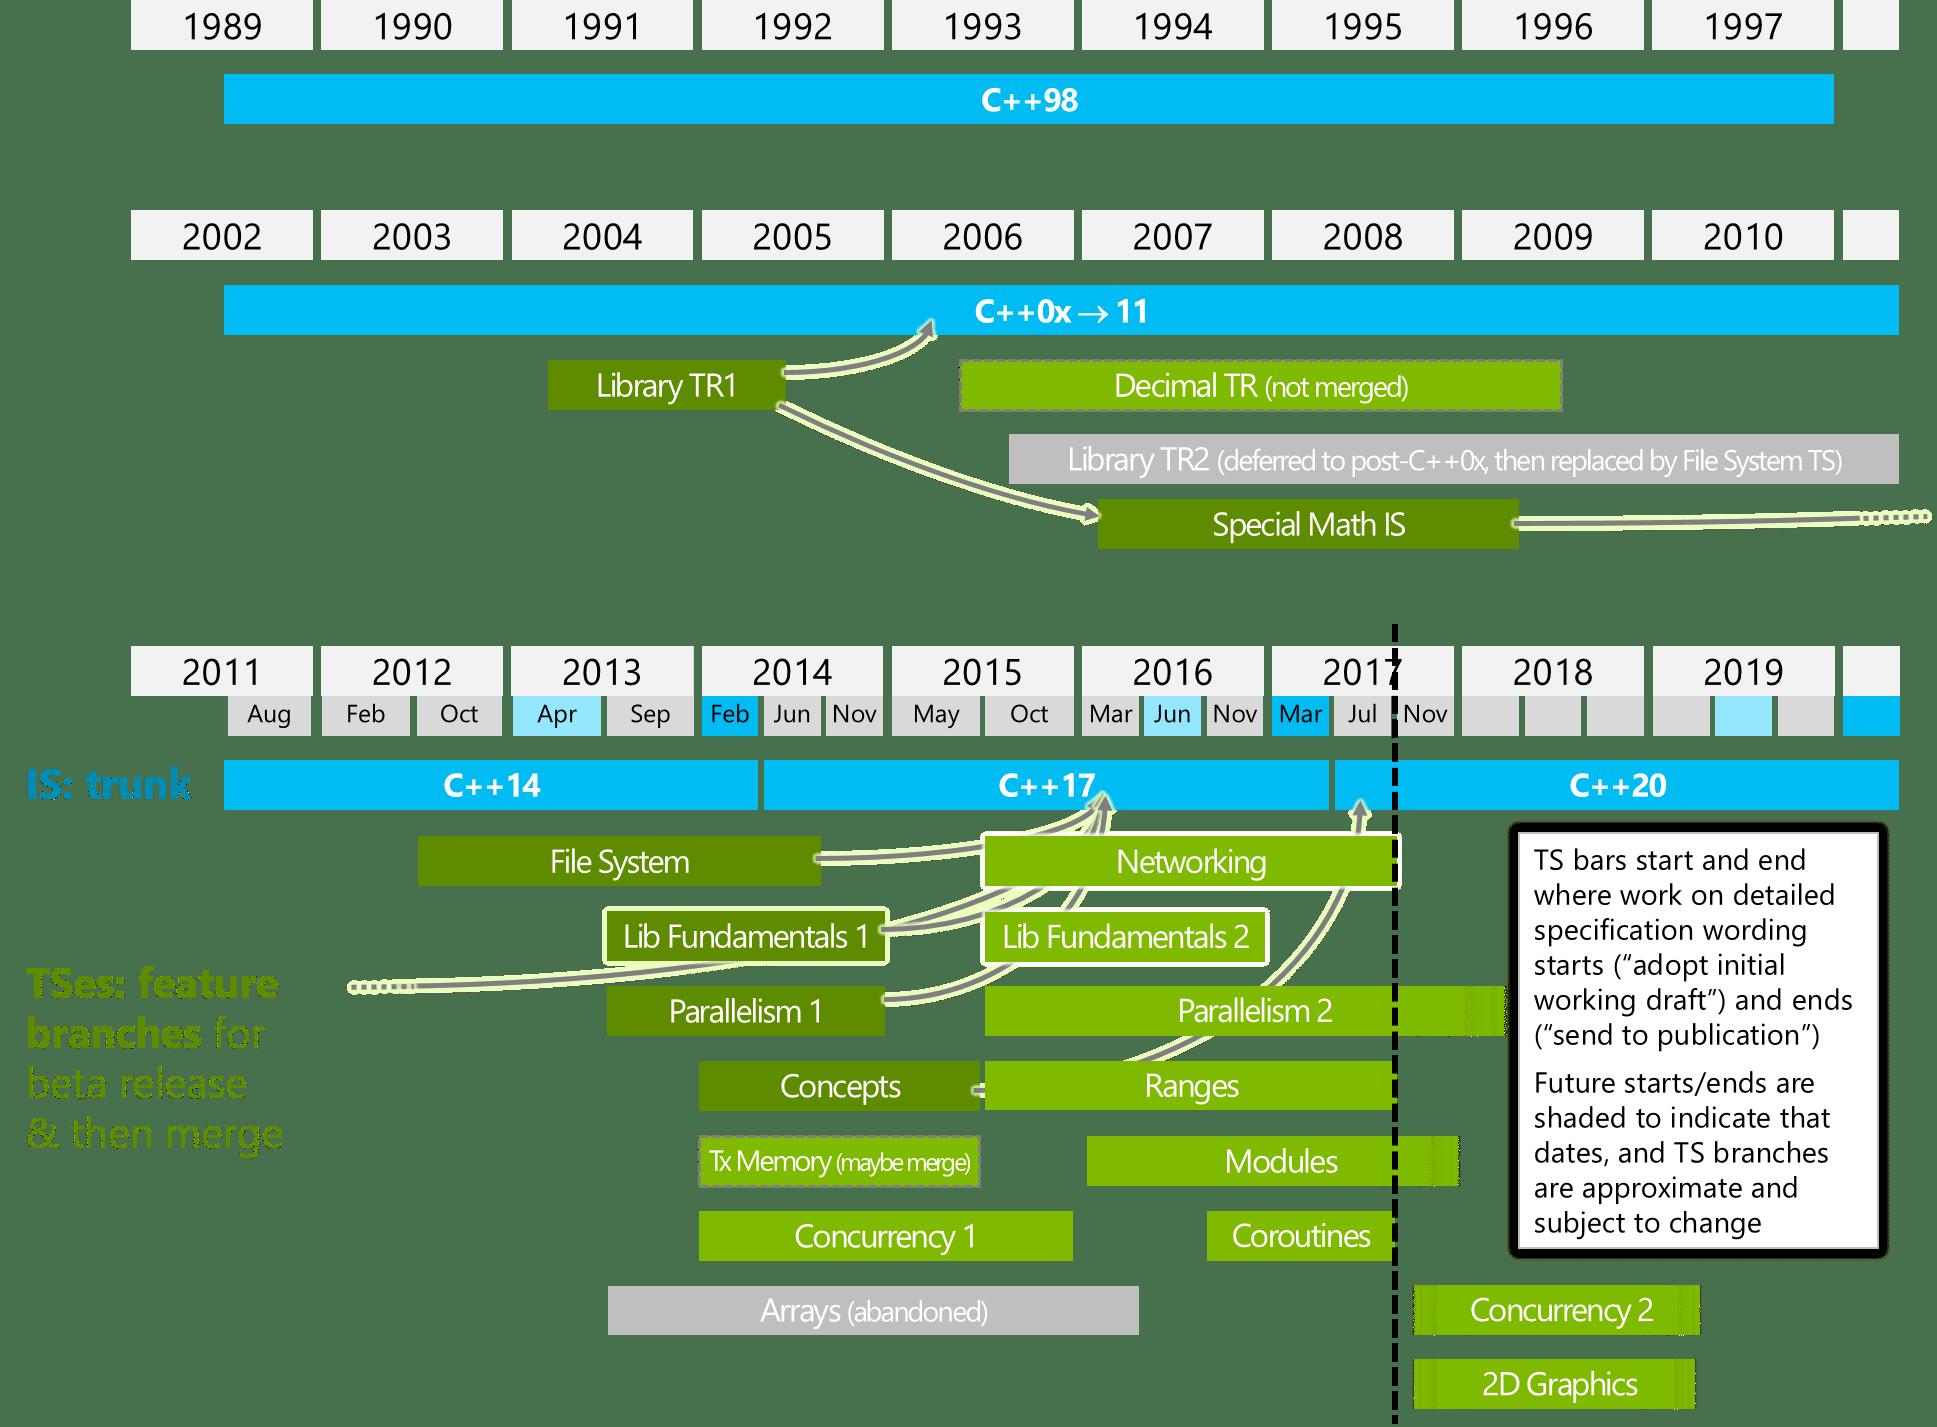 Die aktuelle Timeline zeigt unter anderem die Aufnahme der Concepts TS in den C++20-Draft.